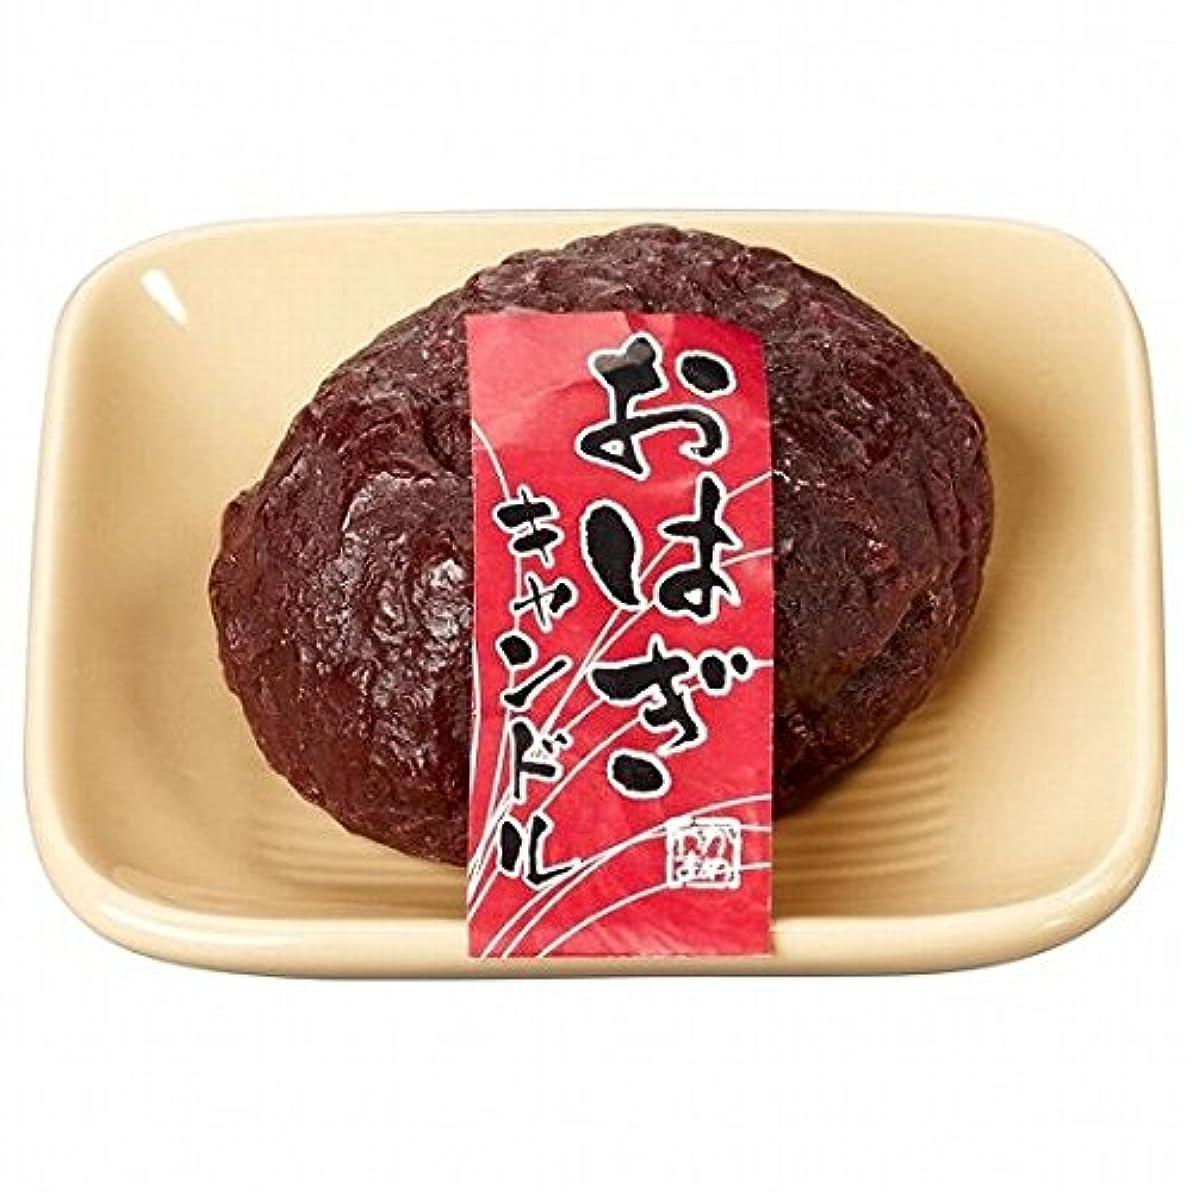 対象長々と払い戻しkameyama candle(カメヤマキャンドル) おはぎキャンドル(86430000)